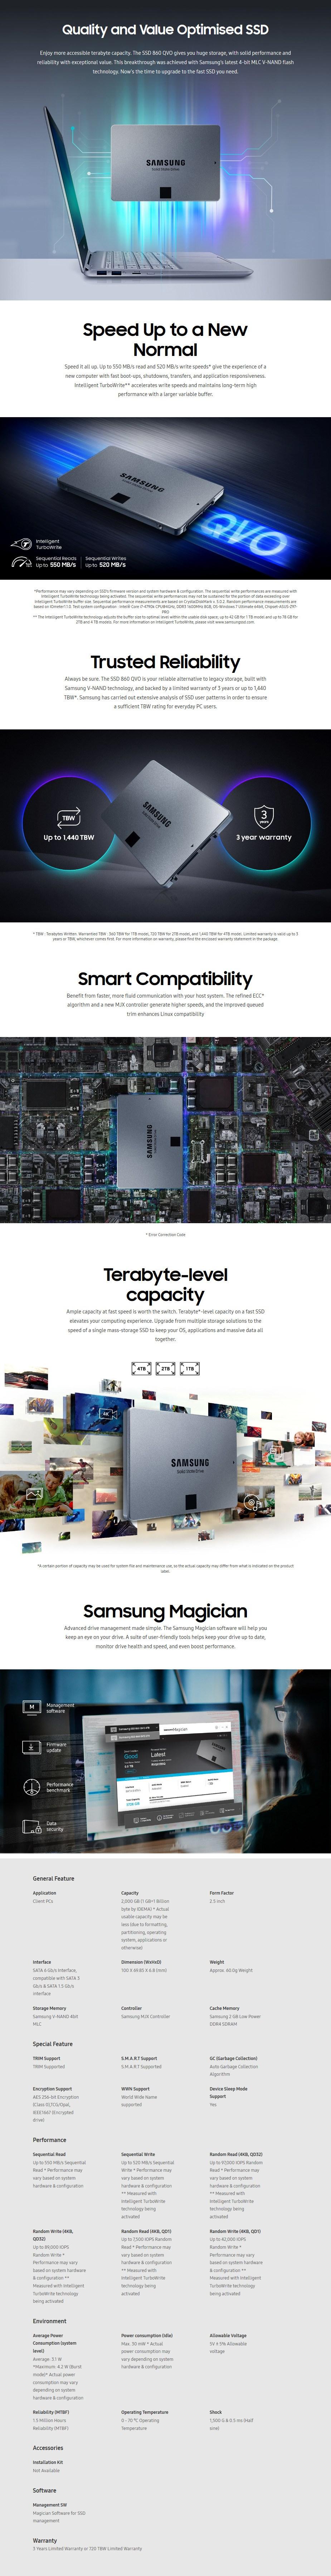 """Samsung 860 QVO 2TB 2.5"""" SATA III 6GB/s 4-Bit MLC V-NAND SSD MZ-76Q2T0BW - Desktop Overview 1"""